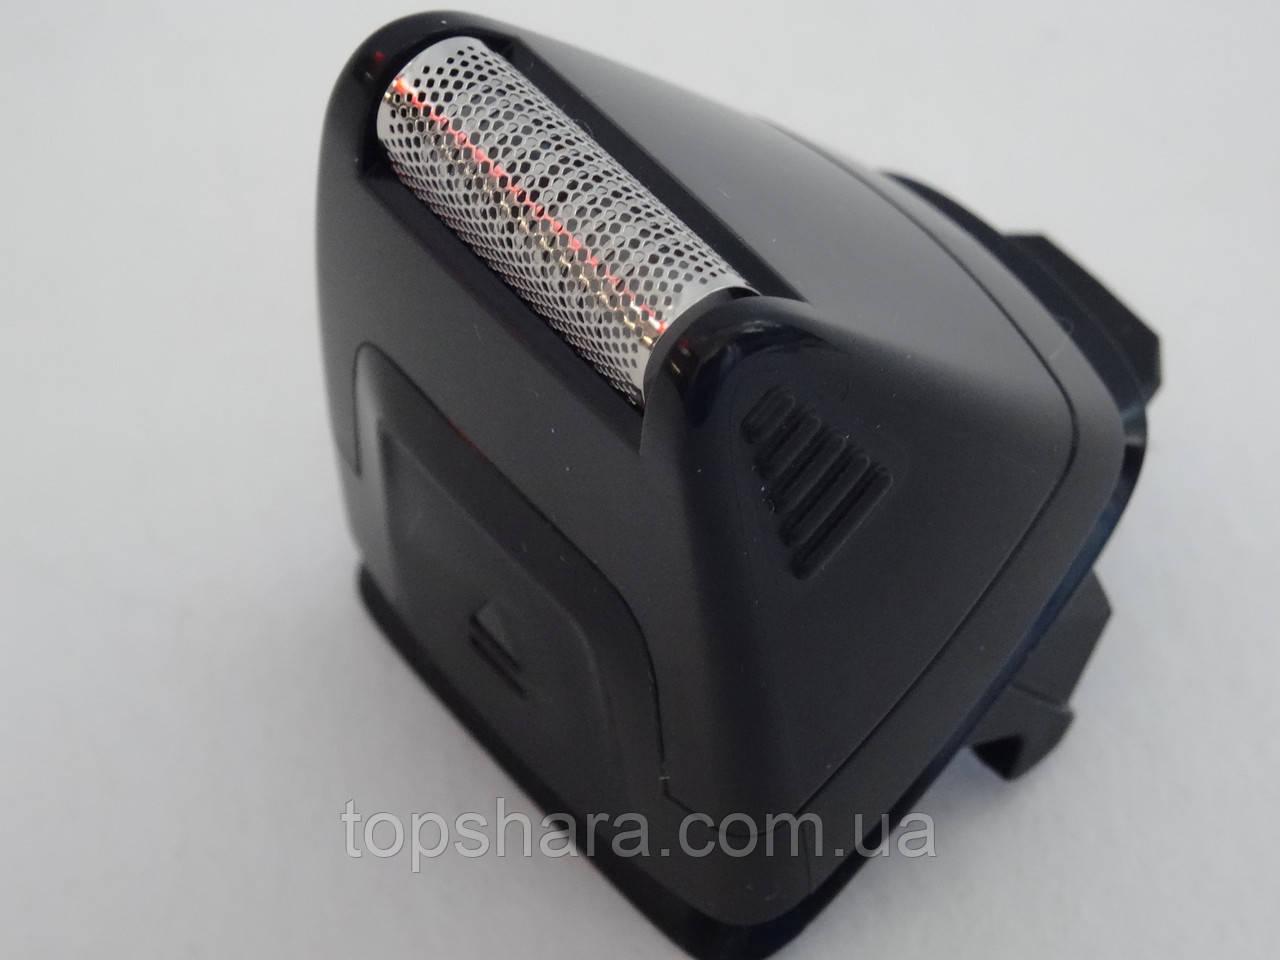 Бритвенная головка с сеточкой триммера Philips MG7720